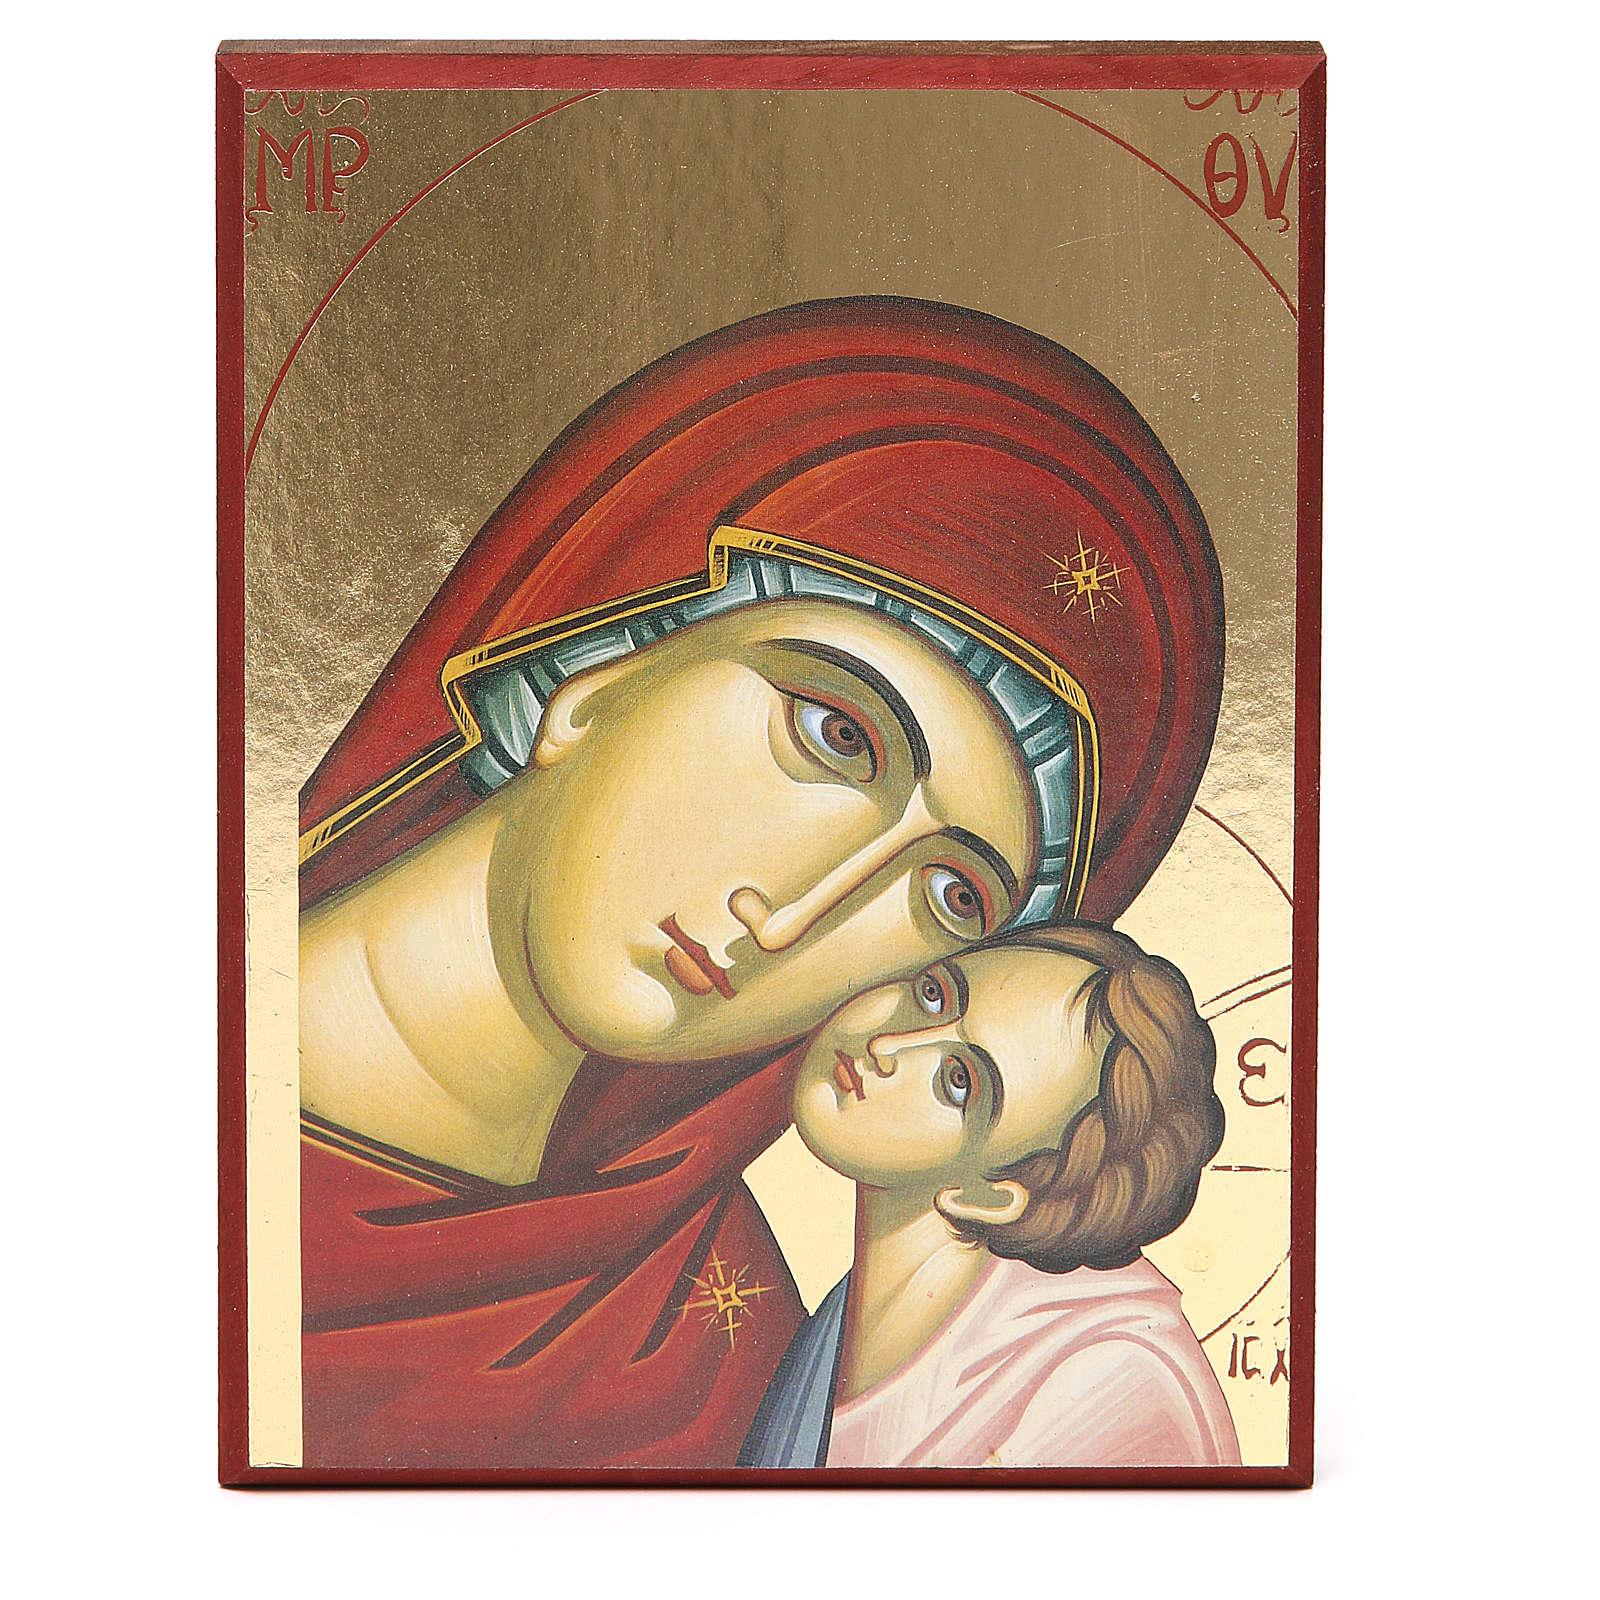 Impressão fundo ouro 17,5x23 cm Nossa Senhora de Kiko 4